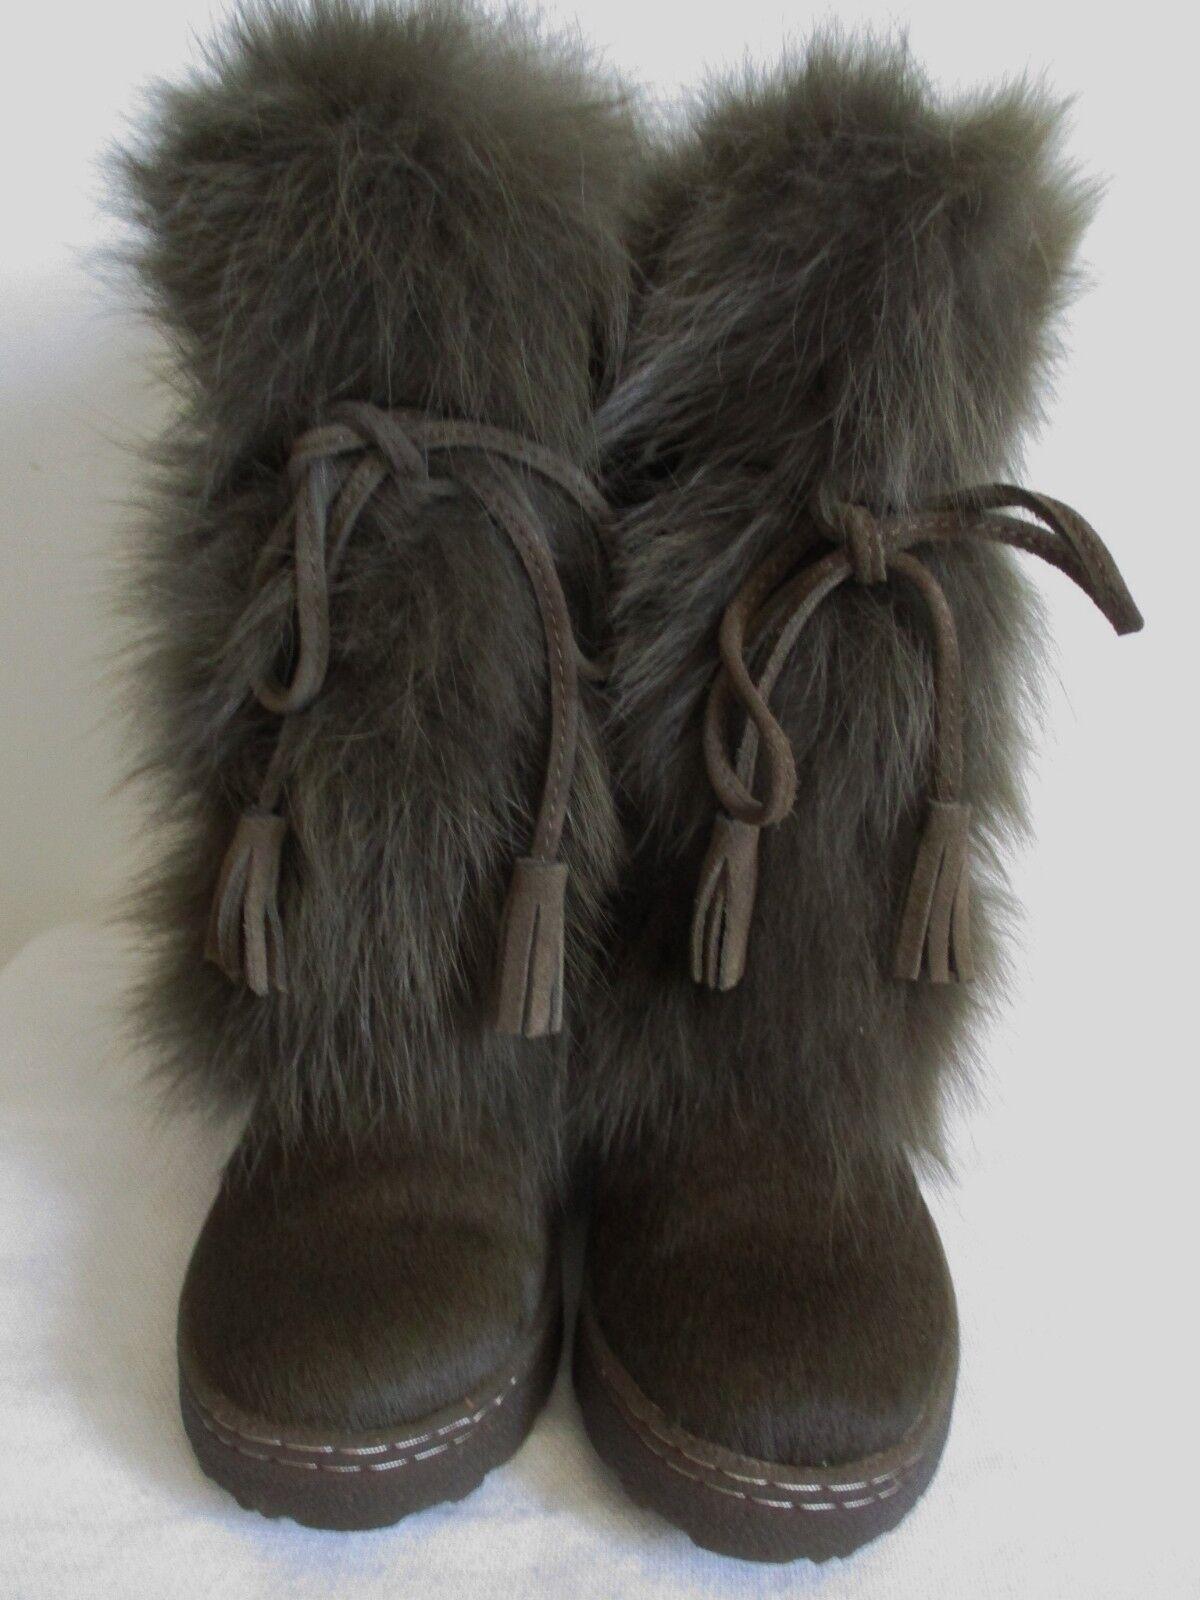 Bearpaw Shako II botas marrón de piel de zorro de Piel de Oveja mitad de la pantorrilla EE. UU. Mujer